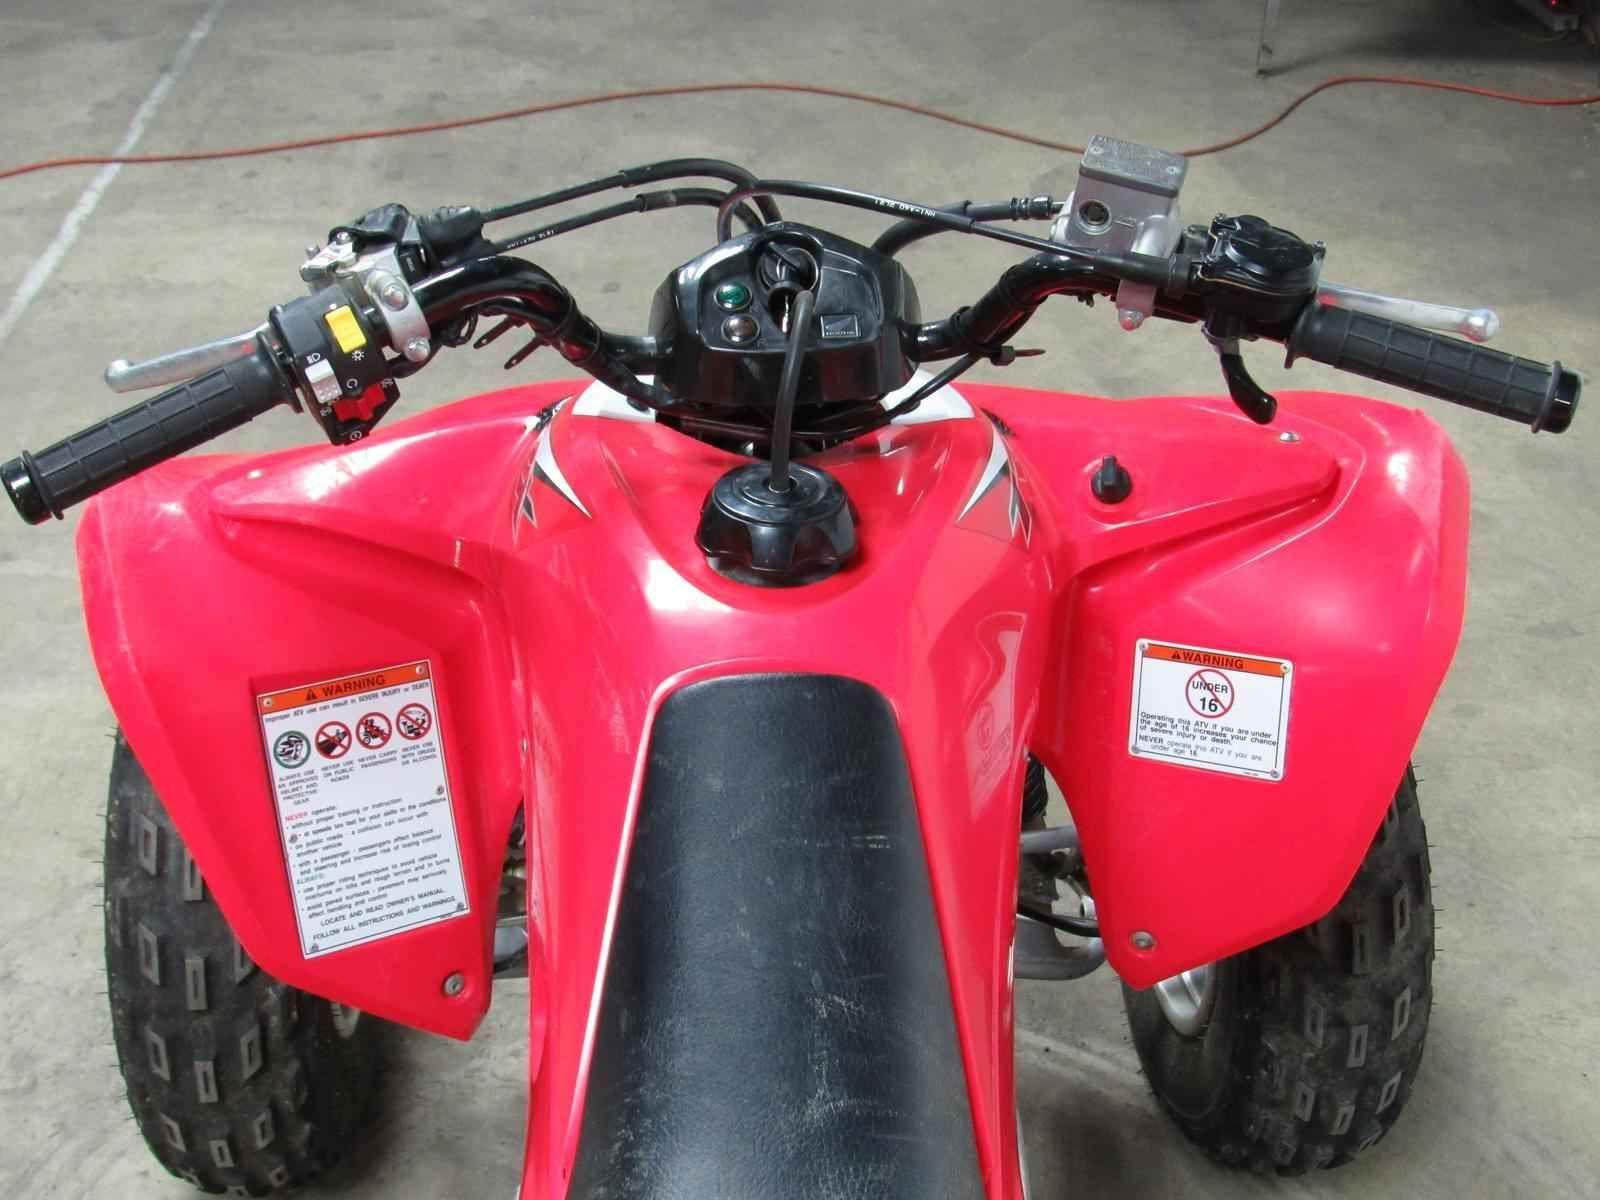 Used 2013 Honda TRX400EX ATVs For Sale in Ohio. 2013 HONDA TRX400EX,